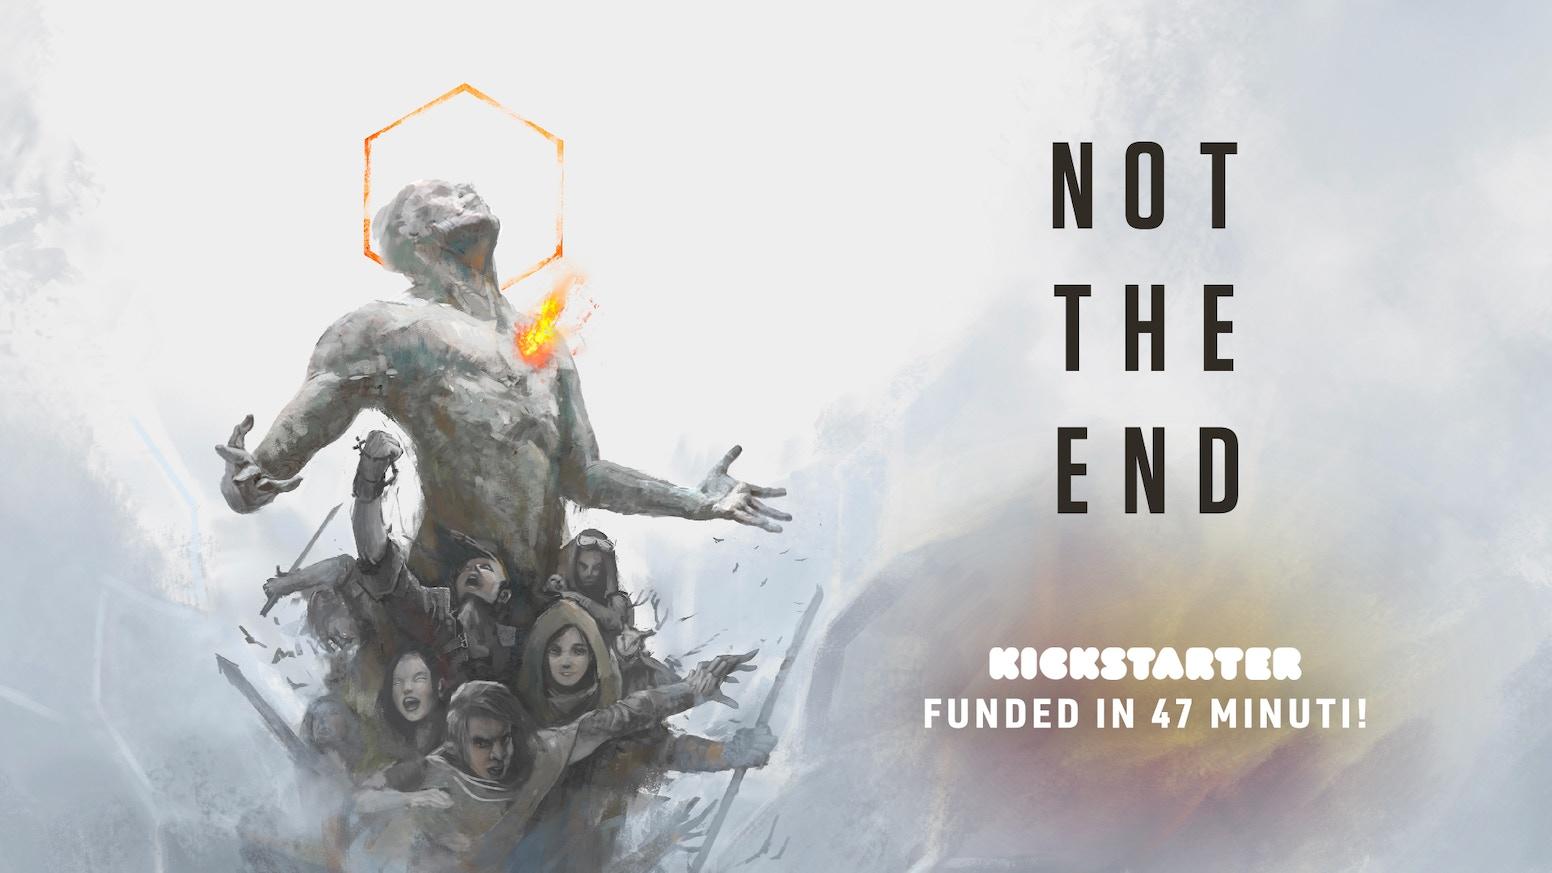 Not the End è un Gioco di Ruolo che narra le avventure di eroi disposti a rischiare tutto per ciò che considerano importante.